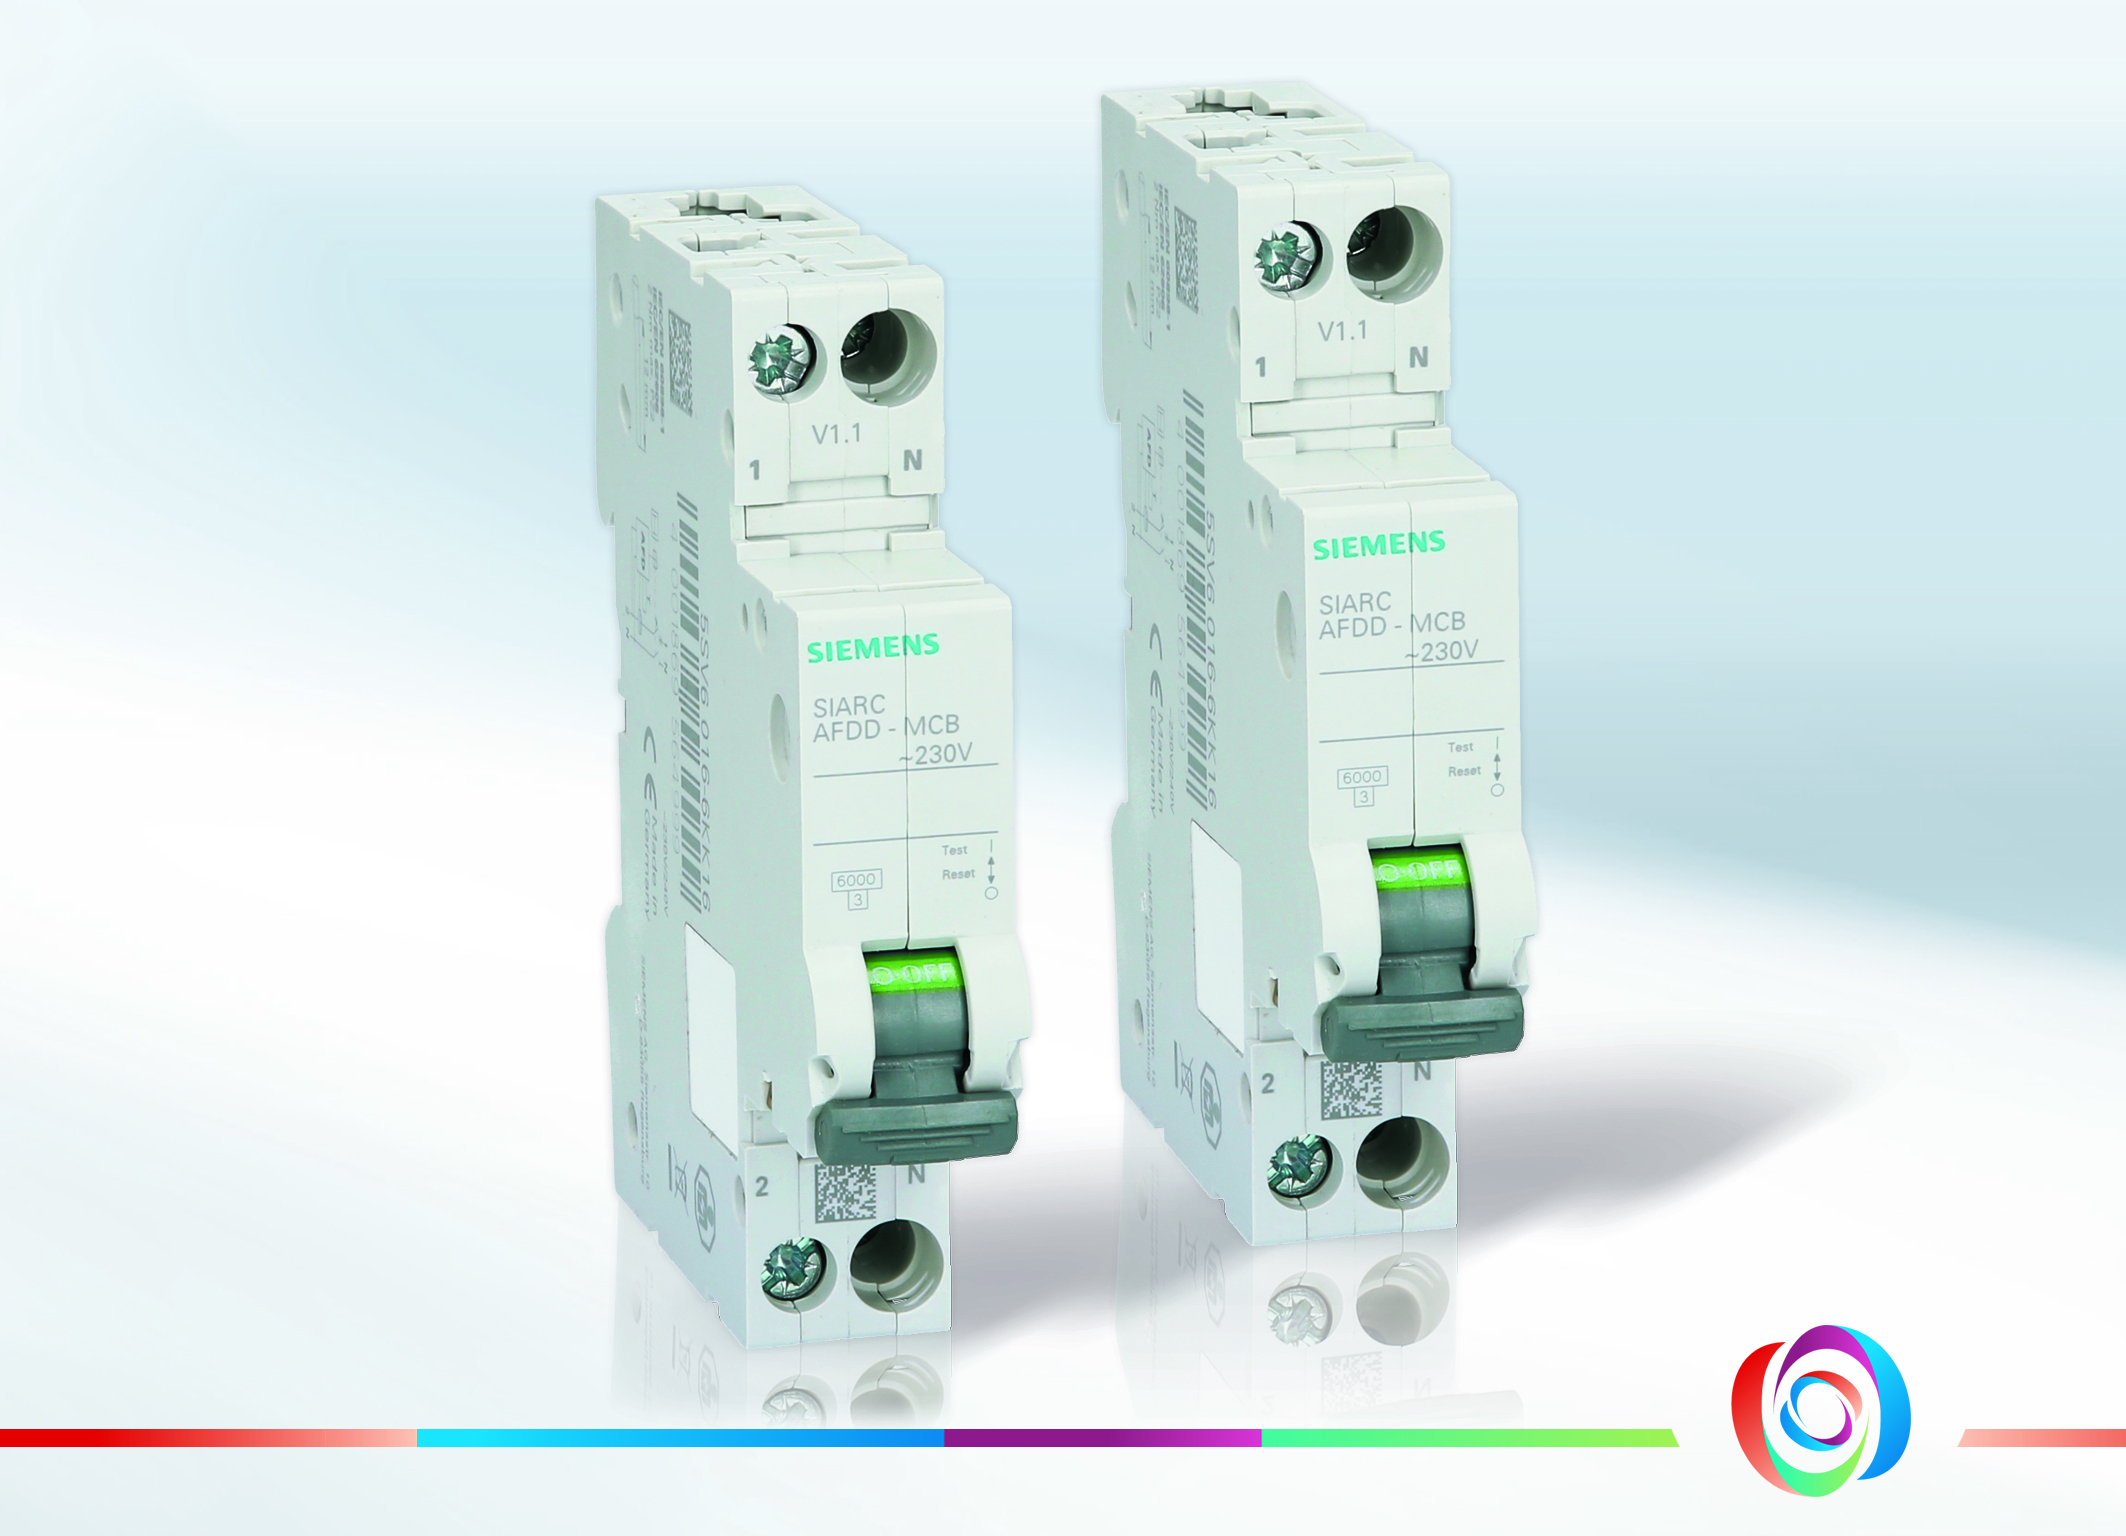 Die Siemens-AFDD der neuen Generation kombinieren Brand- und Leistungsschutzschalter in einer Teilungseinheit und sind ab sofort unter Automation24.de erhältlich. (Bild: Automation24 GmbH)